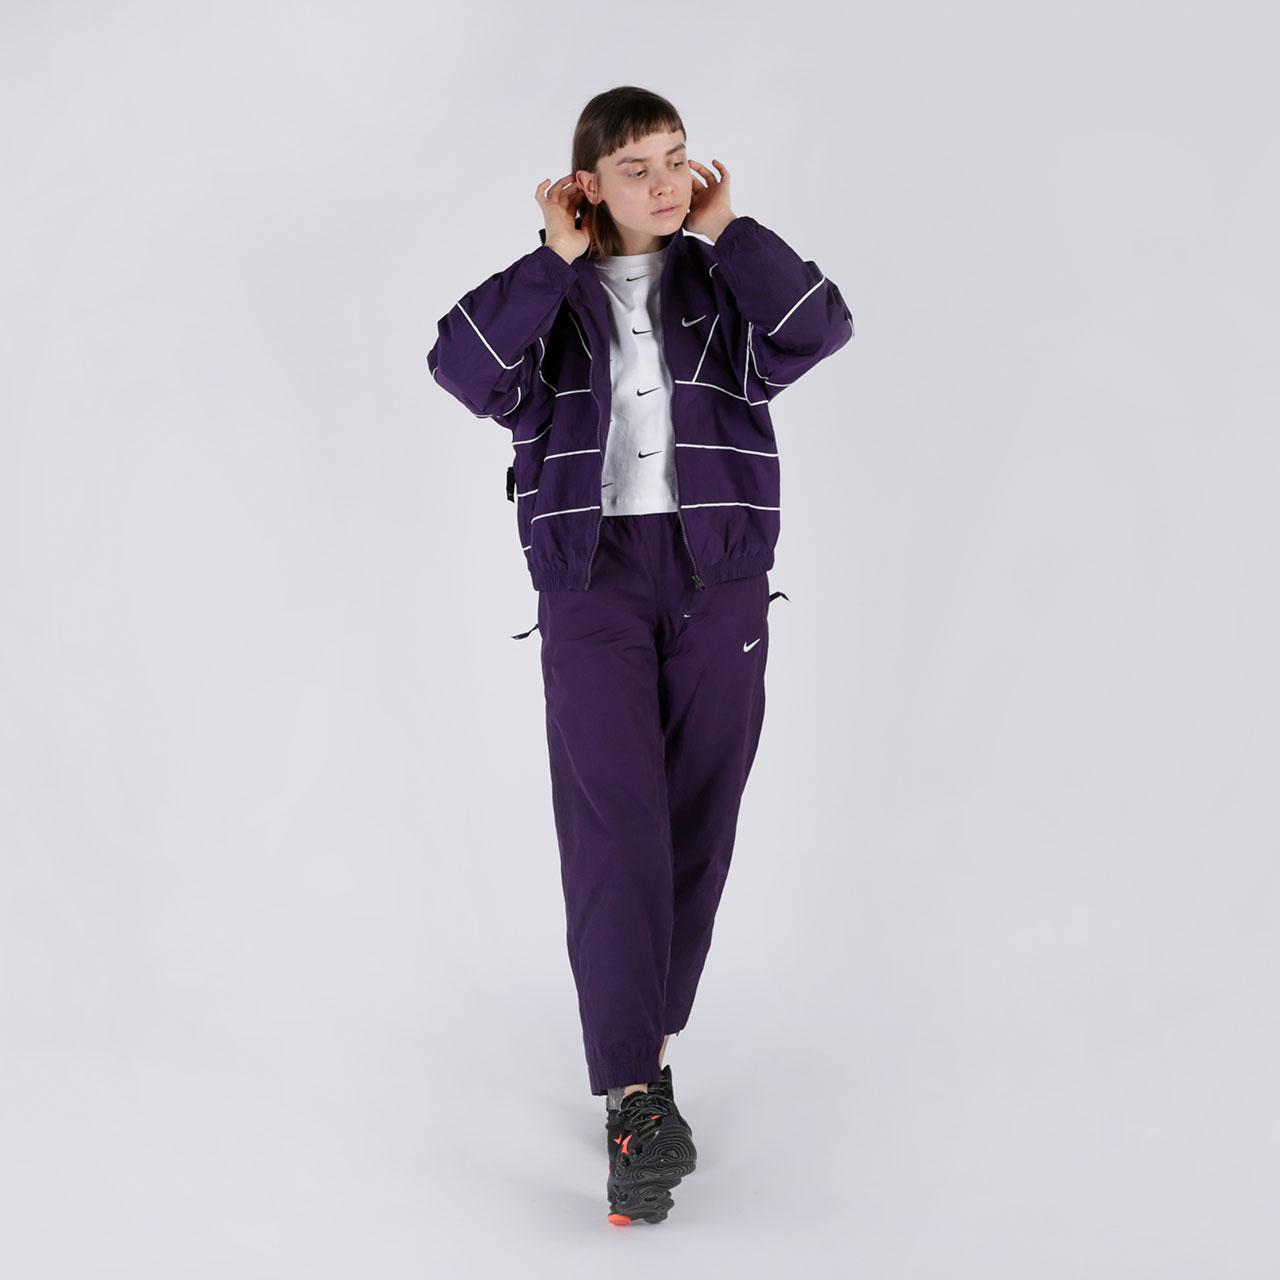 женские фиолетовые  брюки nike track pant purple CQ4003-525 - цена, описание, фото 4